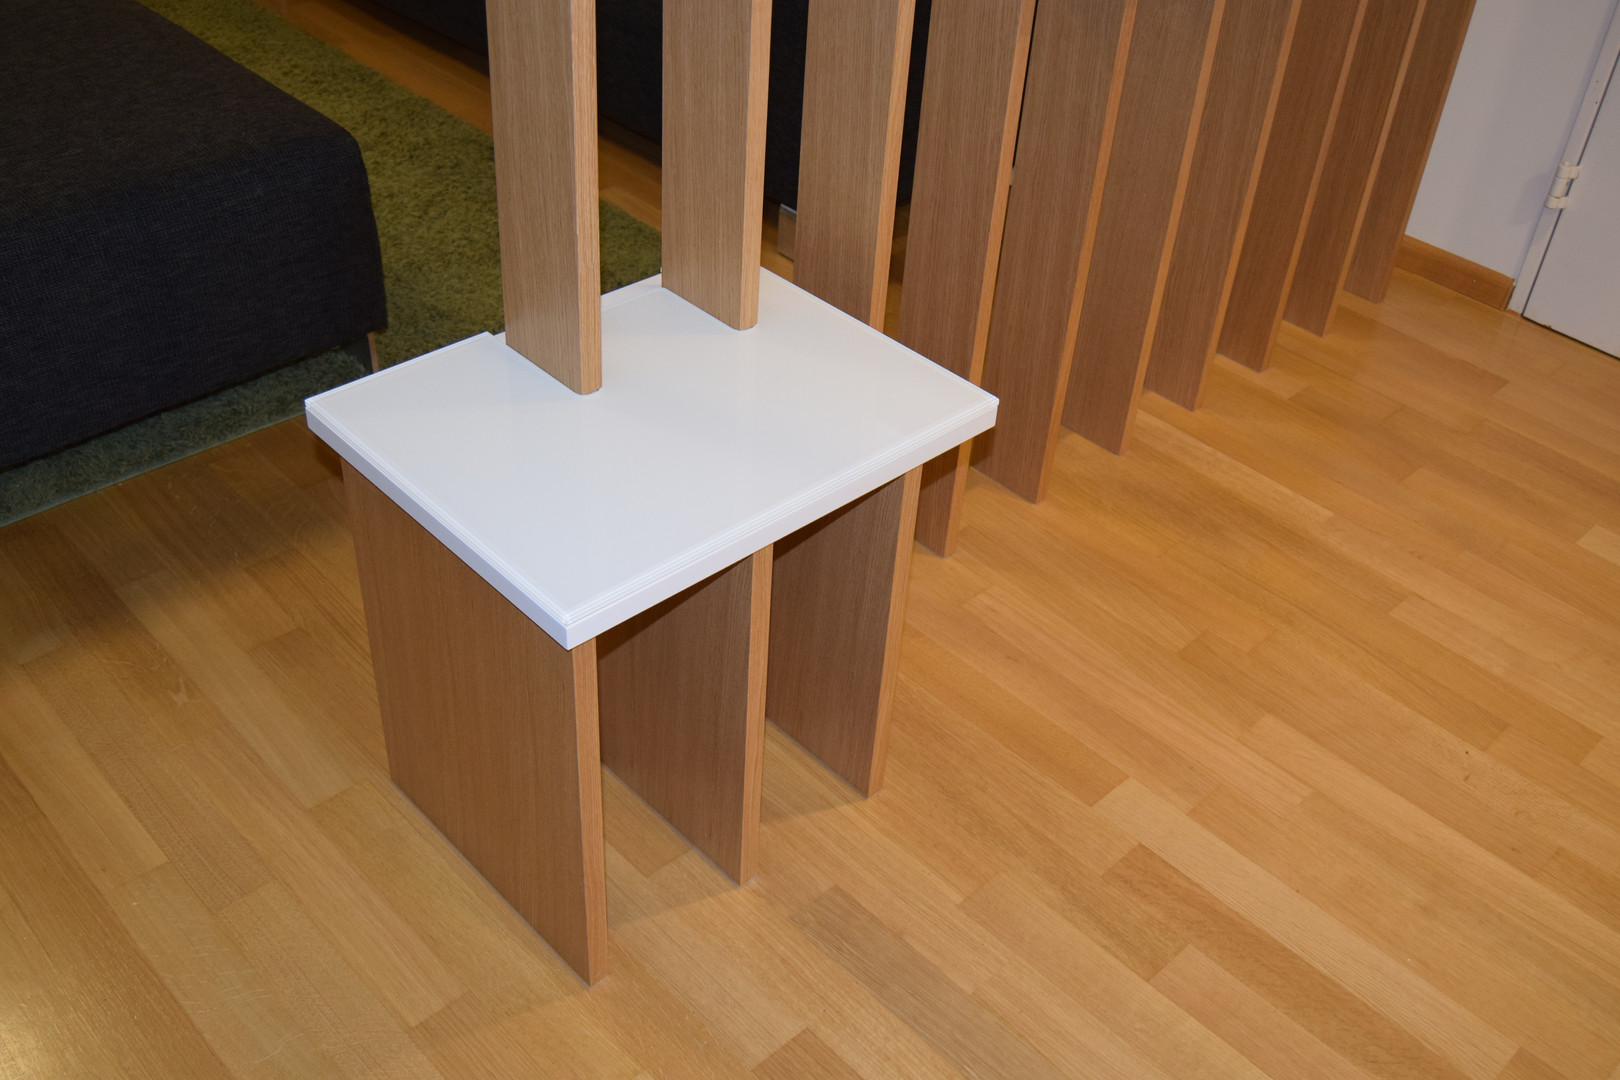 ranz_raumkonzepte_Schreiner_Weil_Lörrach_Basel_Raumteiler_Eiche_Furnier_Weiß_Lack_Glas_Sitzfläche